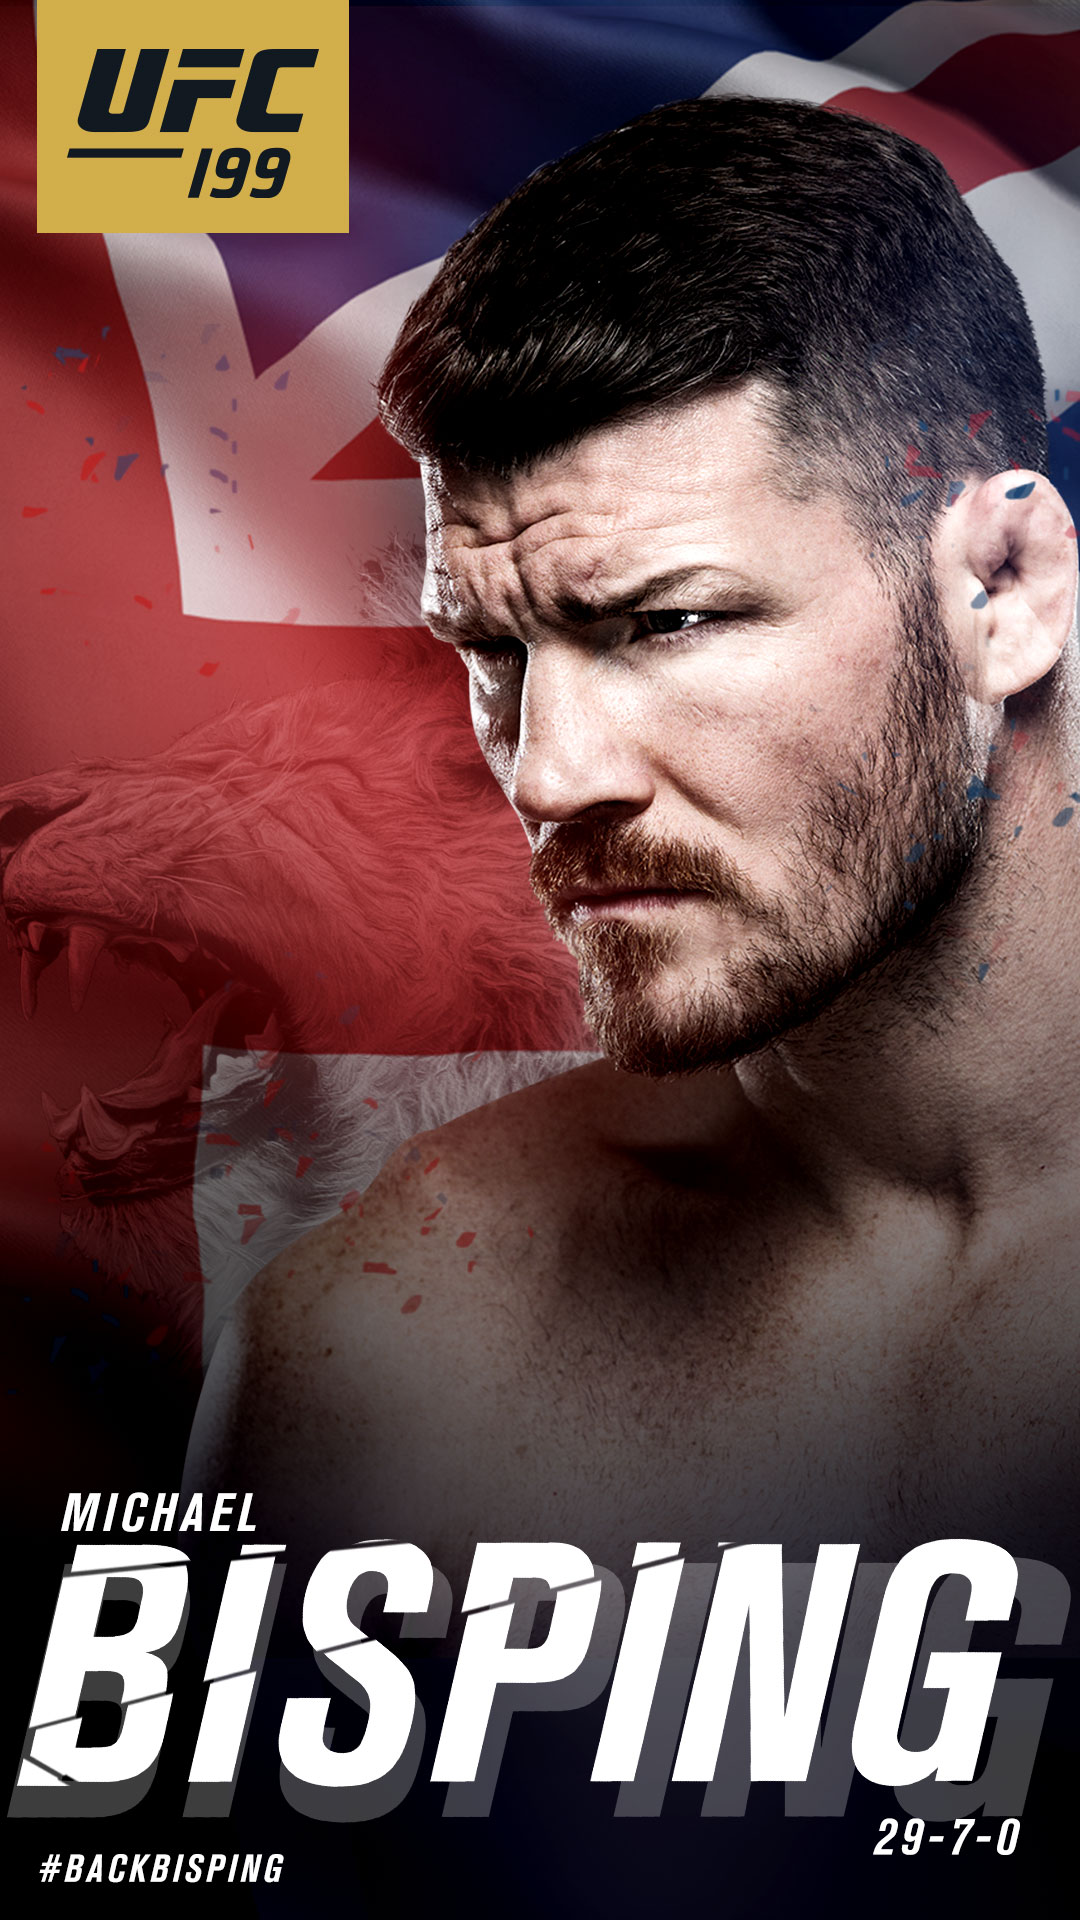 UFC 199 Wallpaper Downloads | UFC